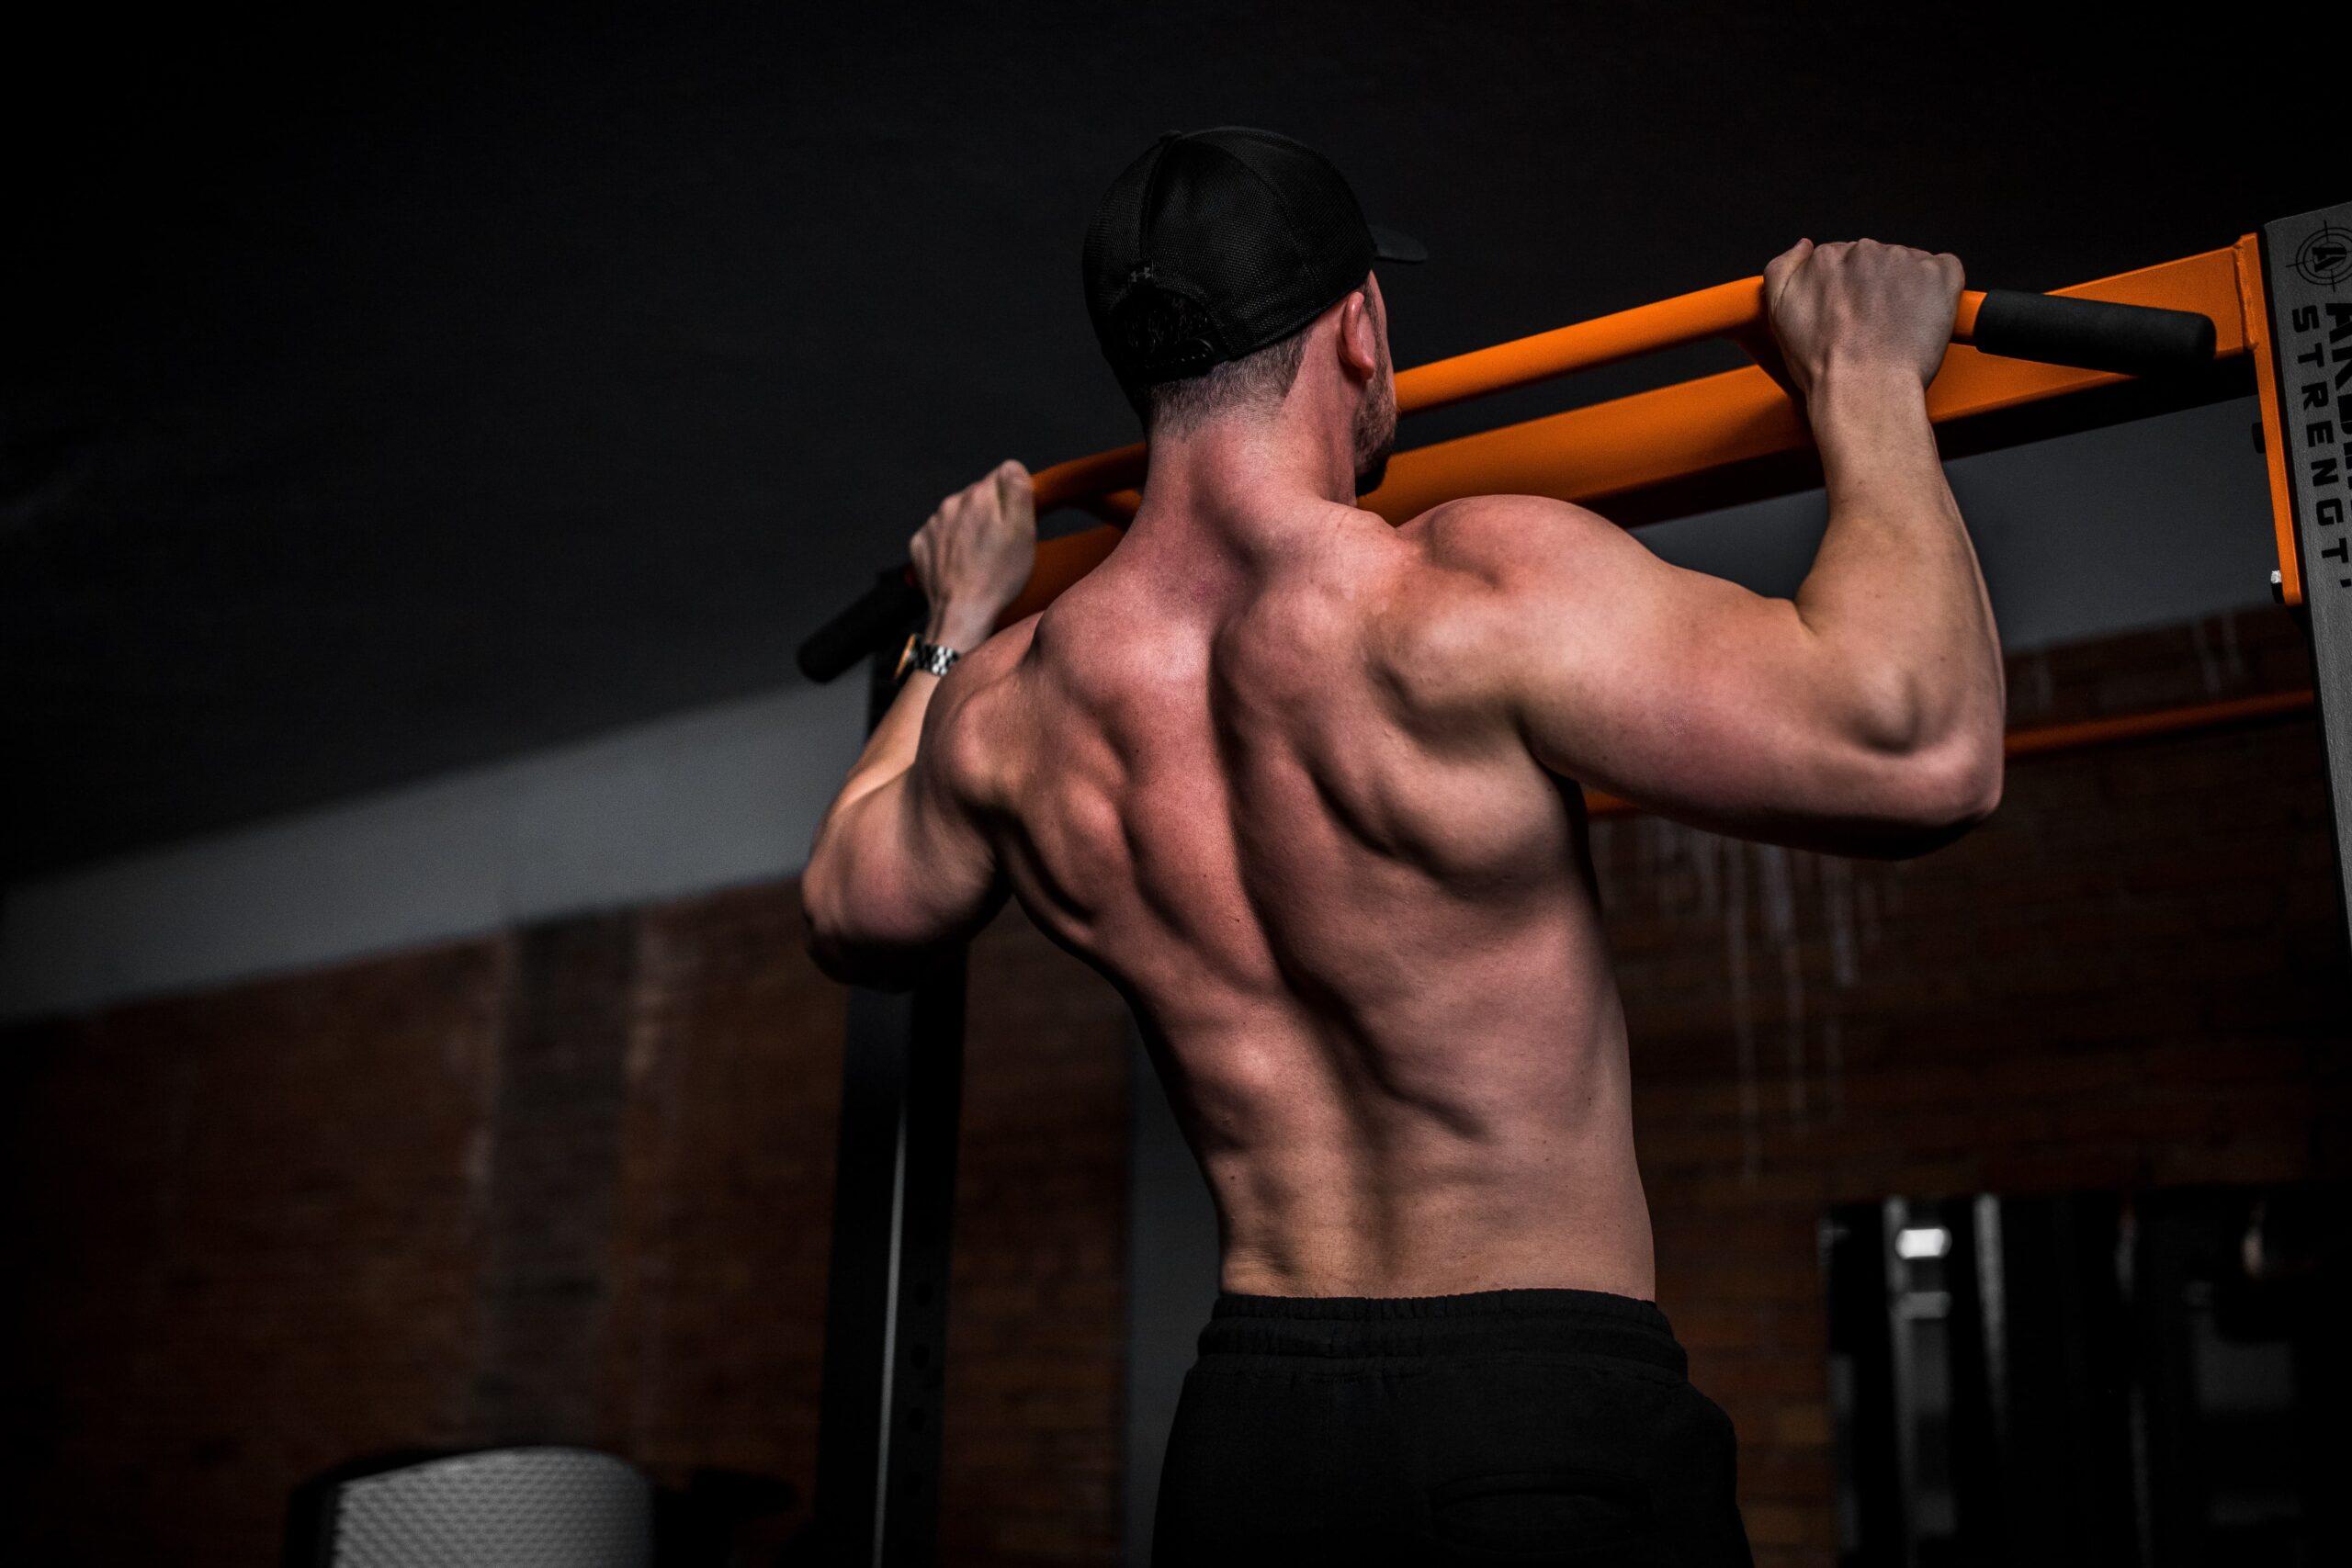 筋肉をつけて身体を大きくする